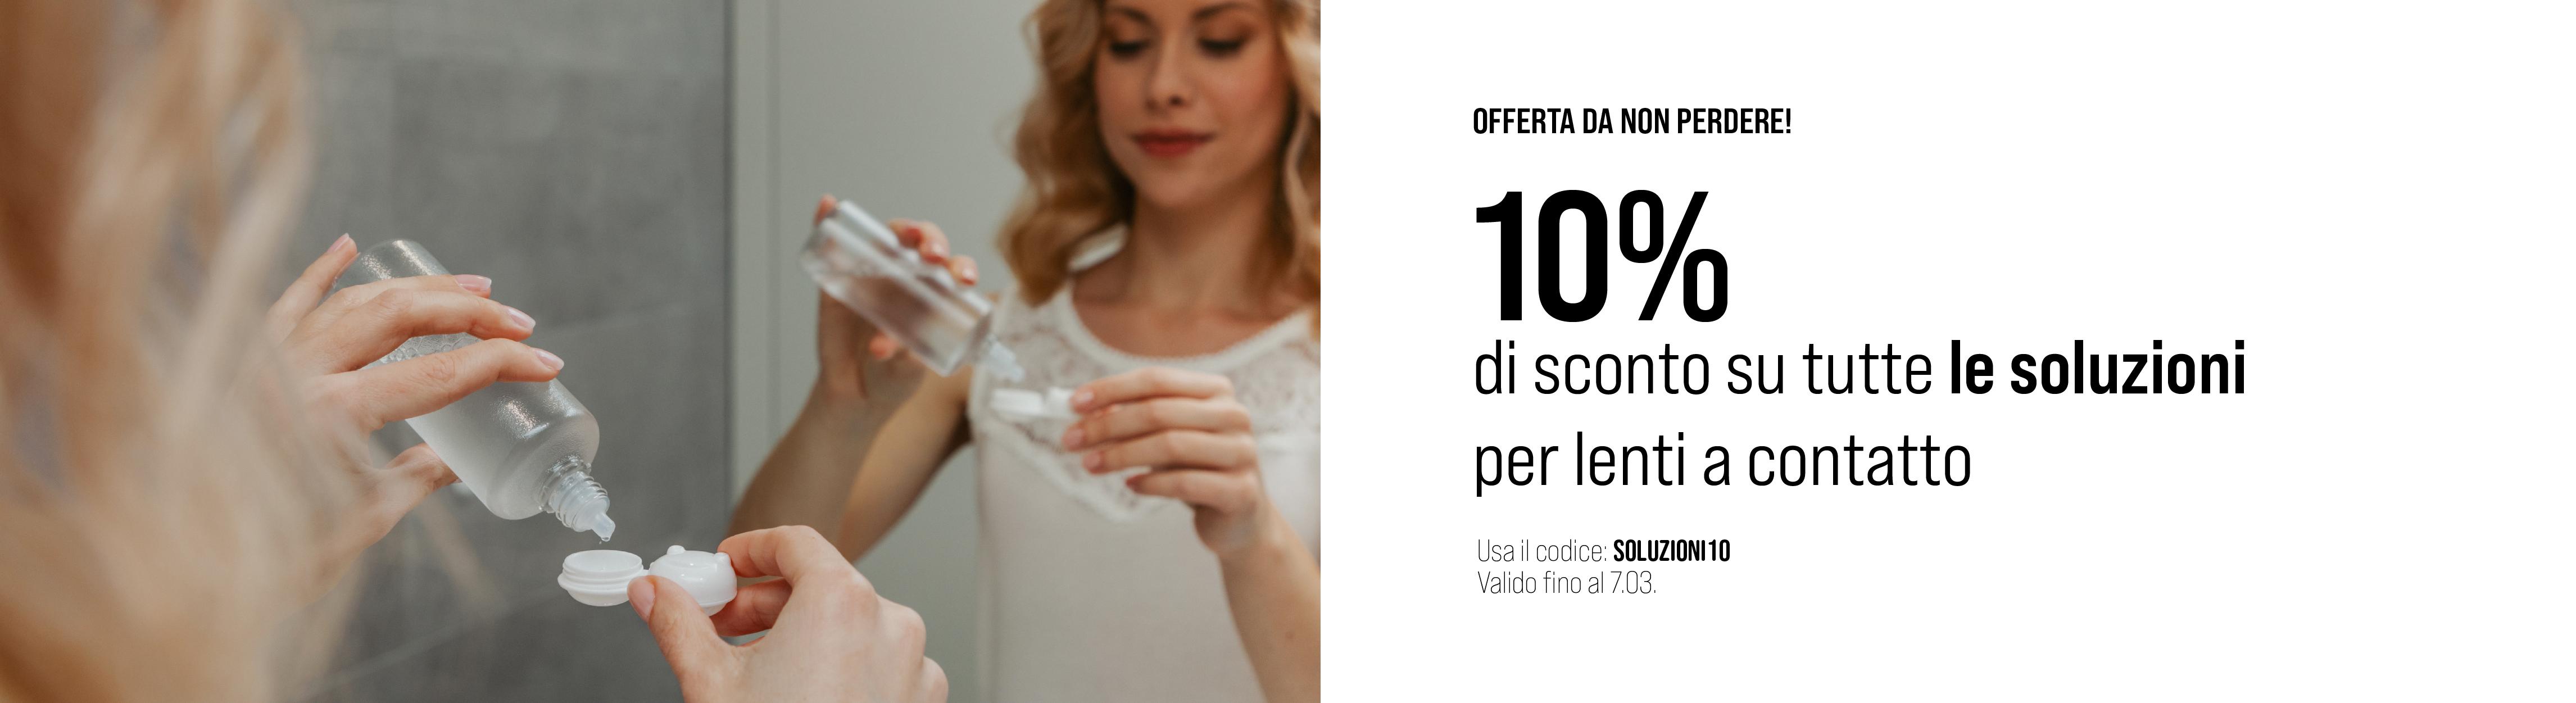 -10% su tutte le soluzioni